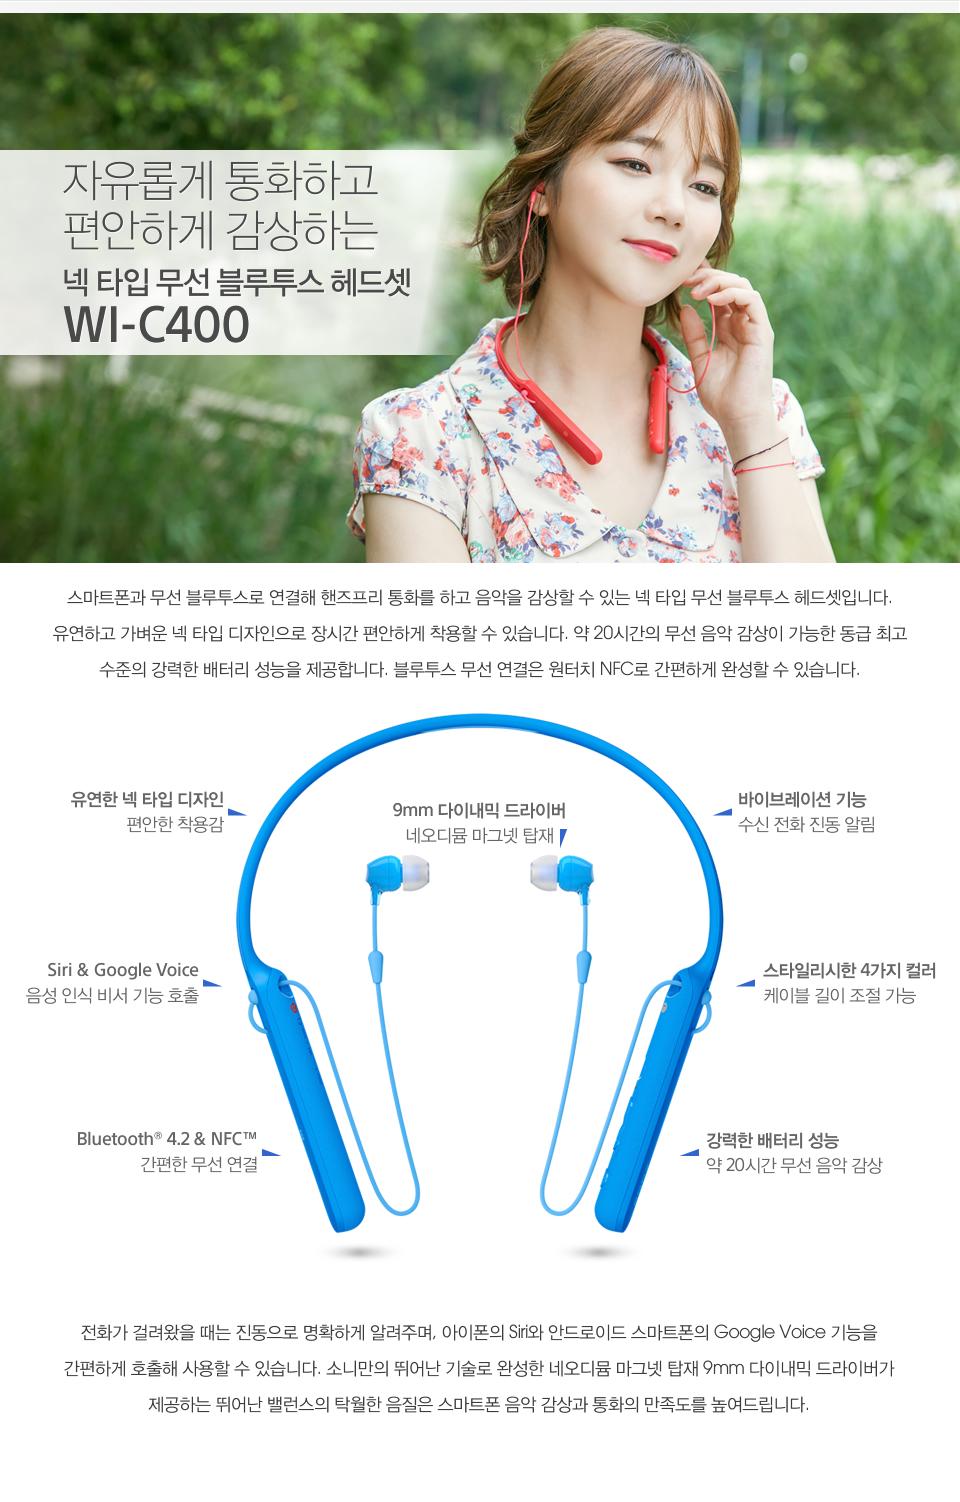 wic400_01_r3_c1.jpg